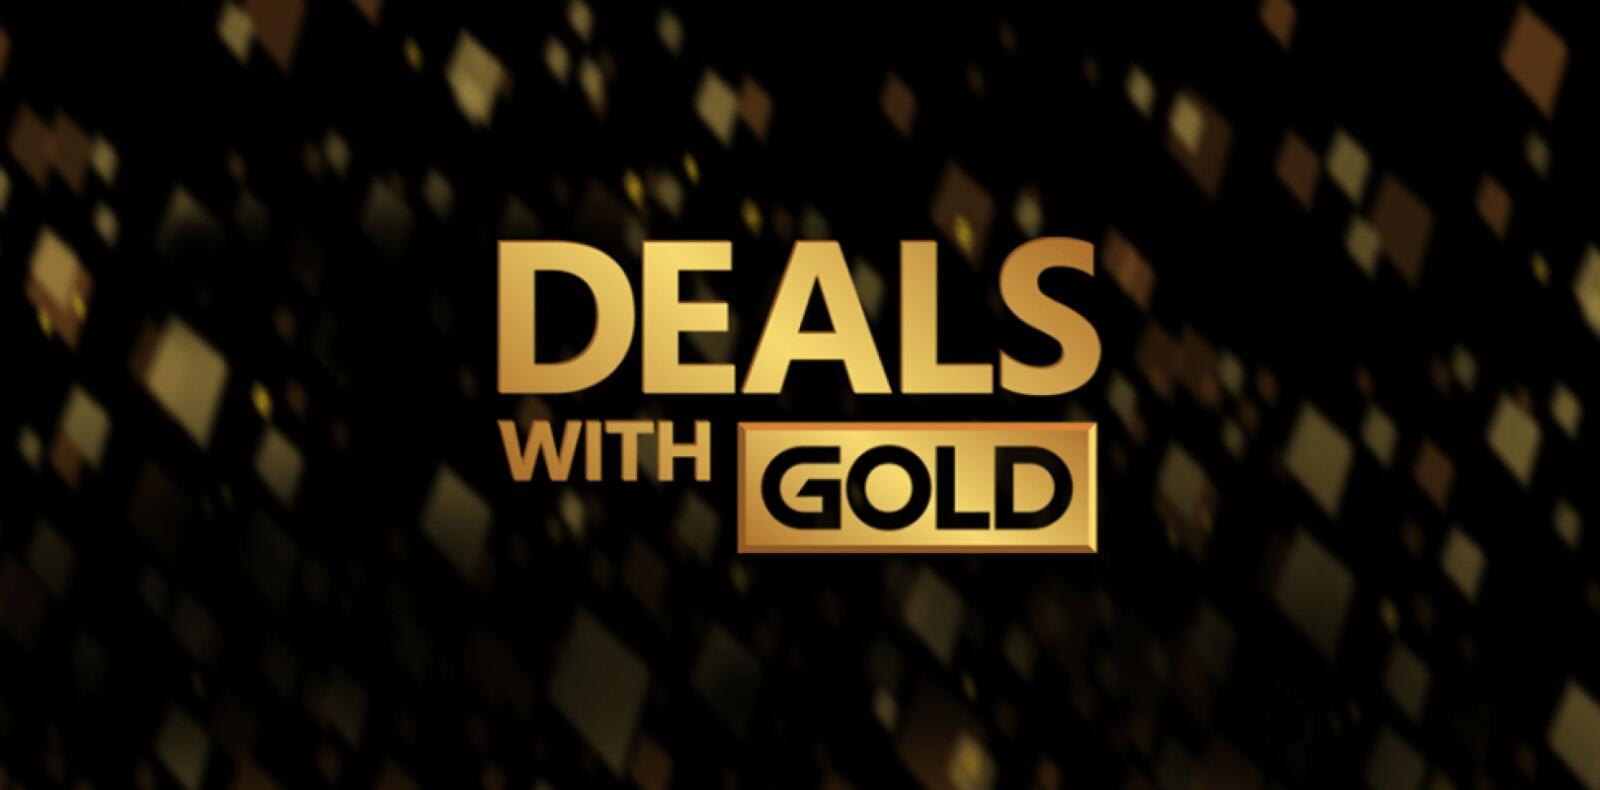 Xbox: Deals With Gold semana del 11 al 18 de mayo de 2021